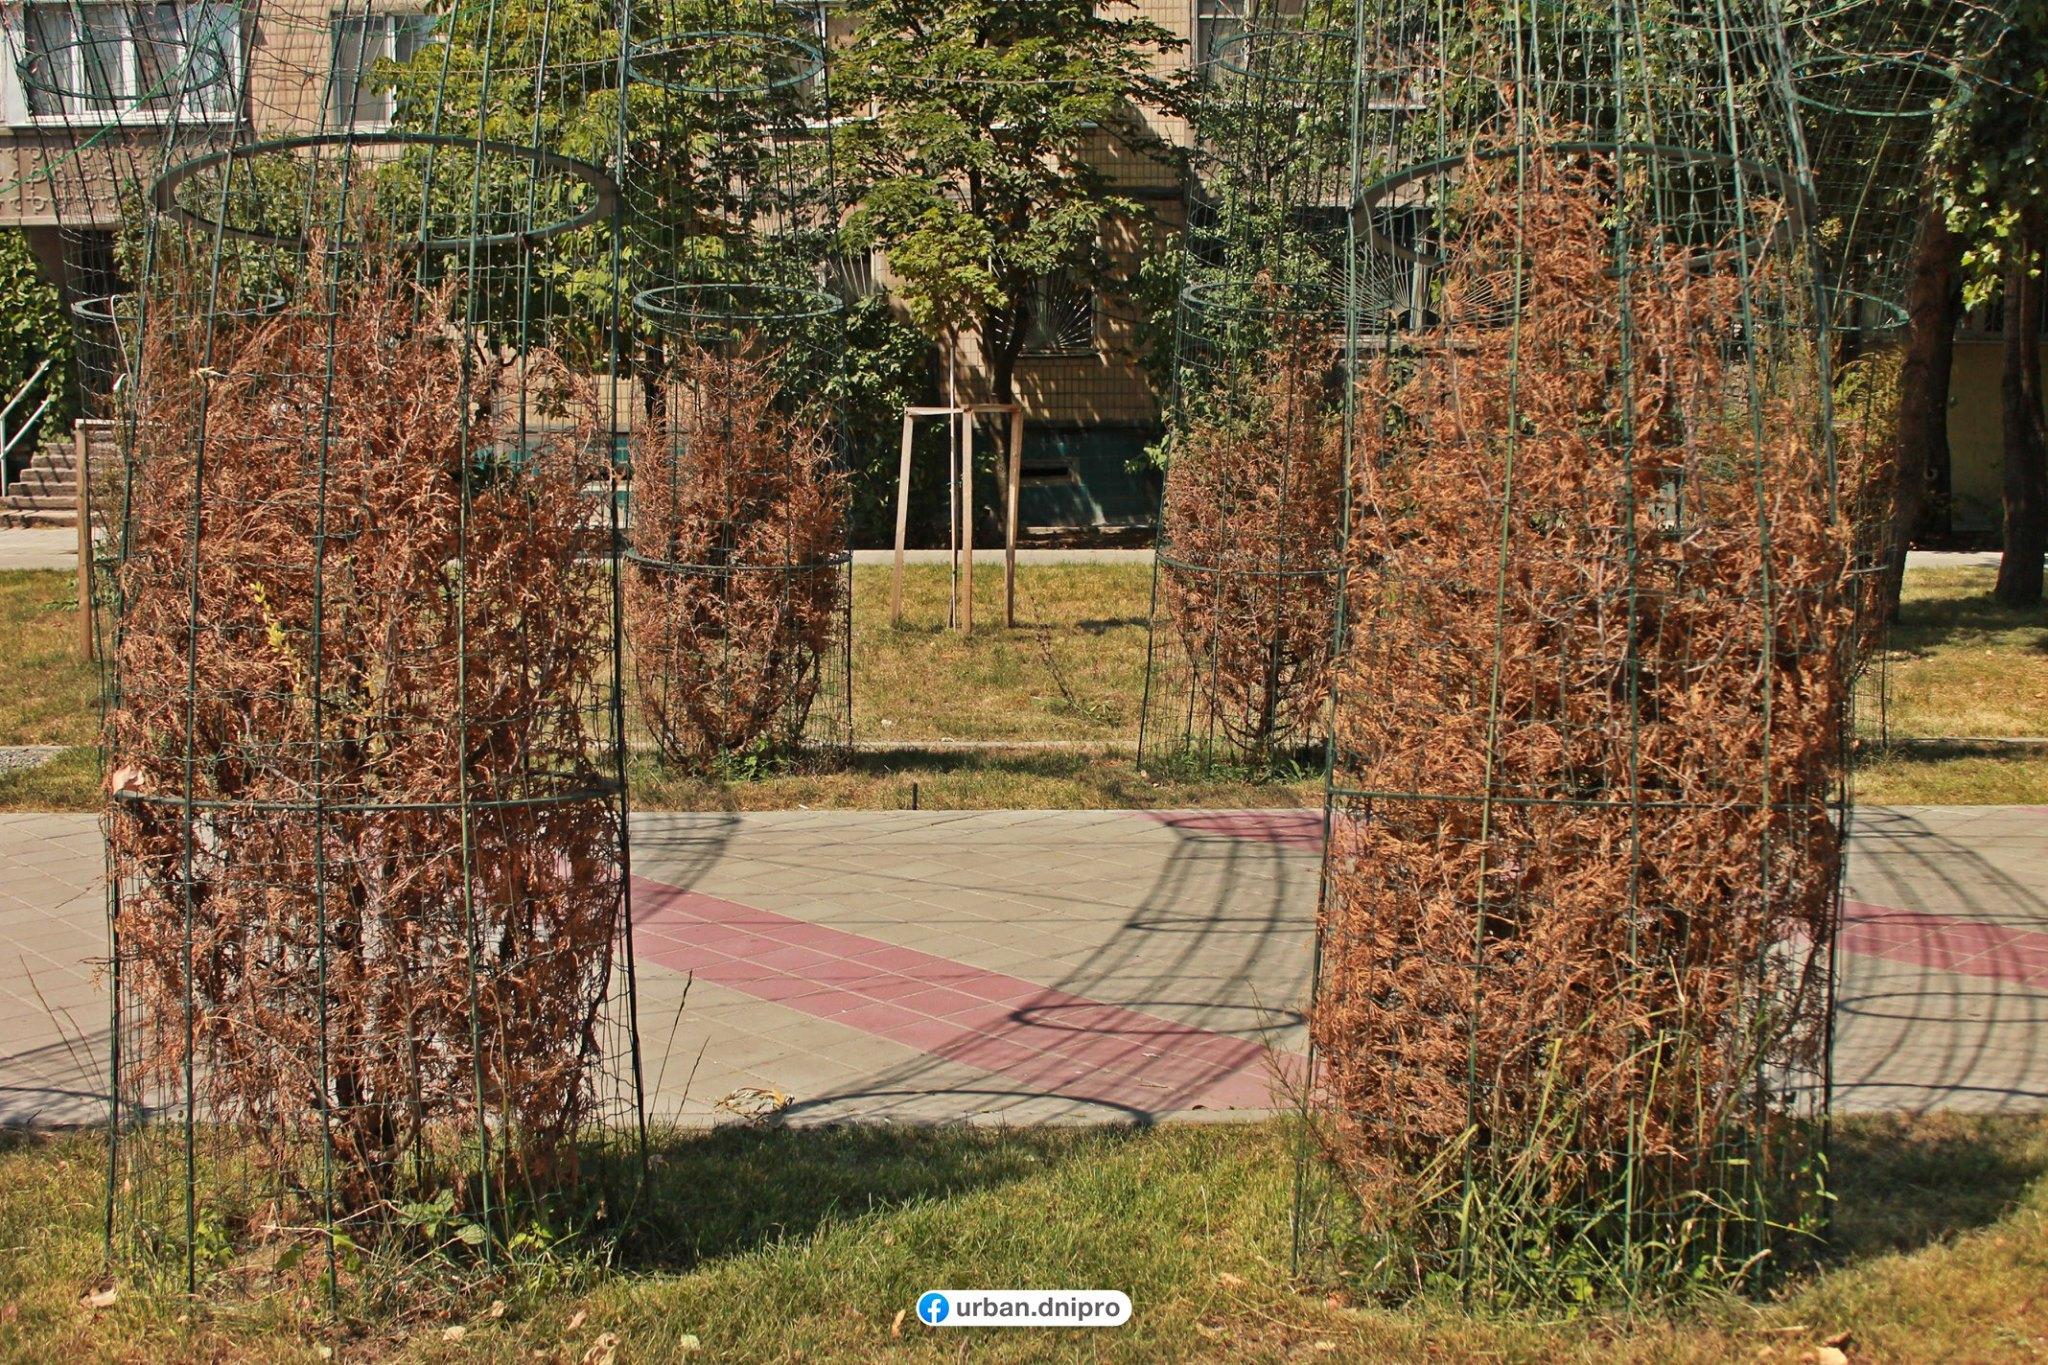 «Что-то пошло не так»: новый сквер в Днепре превратился «кладбище» для растений. Новости Днепра